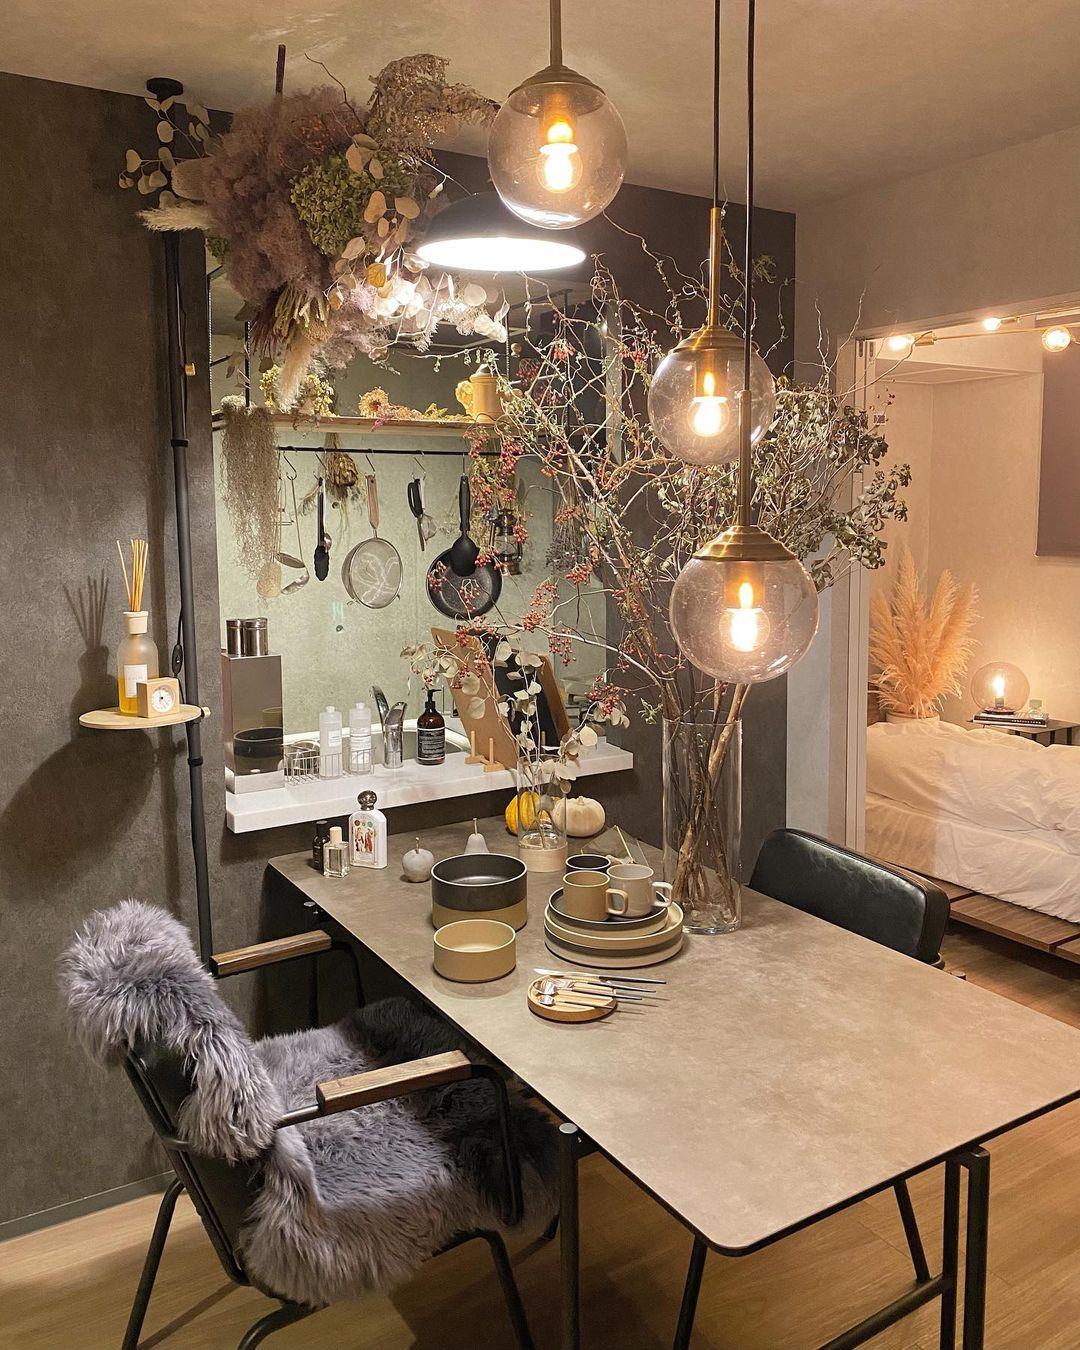 グレーやブラックなど、落ち着いた色で整えながら、大胆に花を飾り、インパクトのある空間を作り上げているmokkaさん。